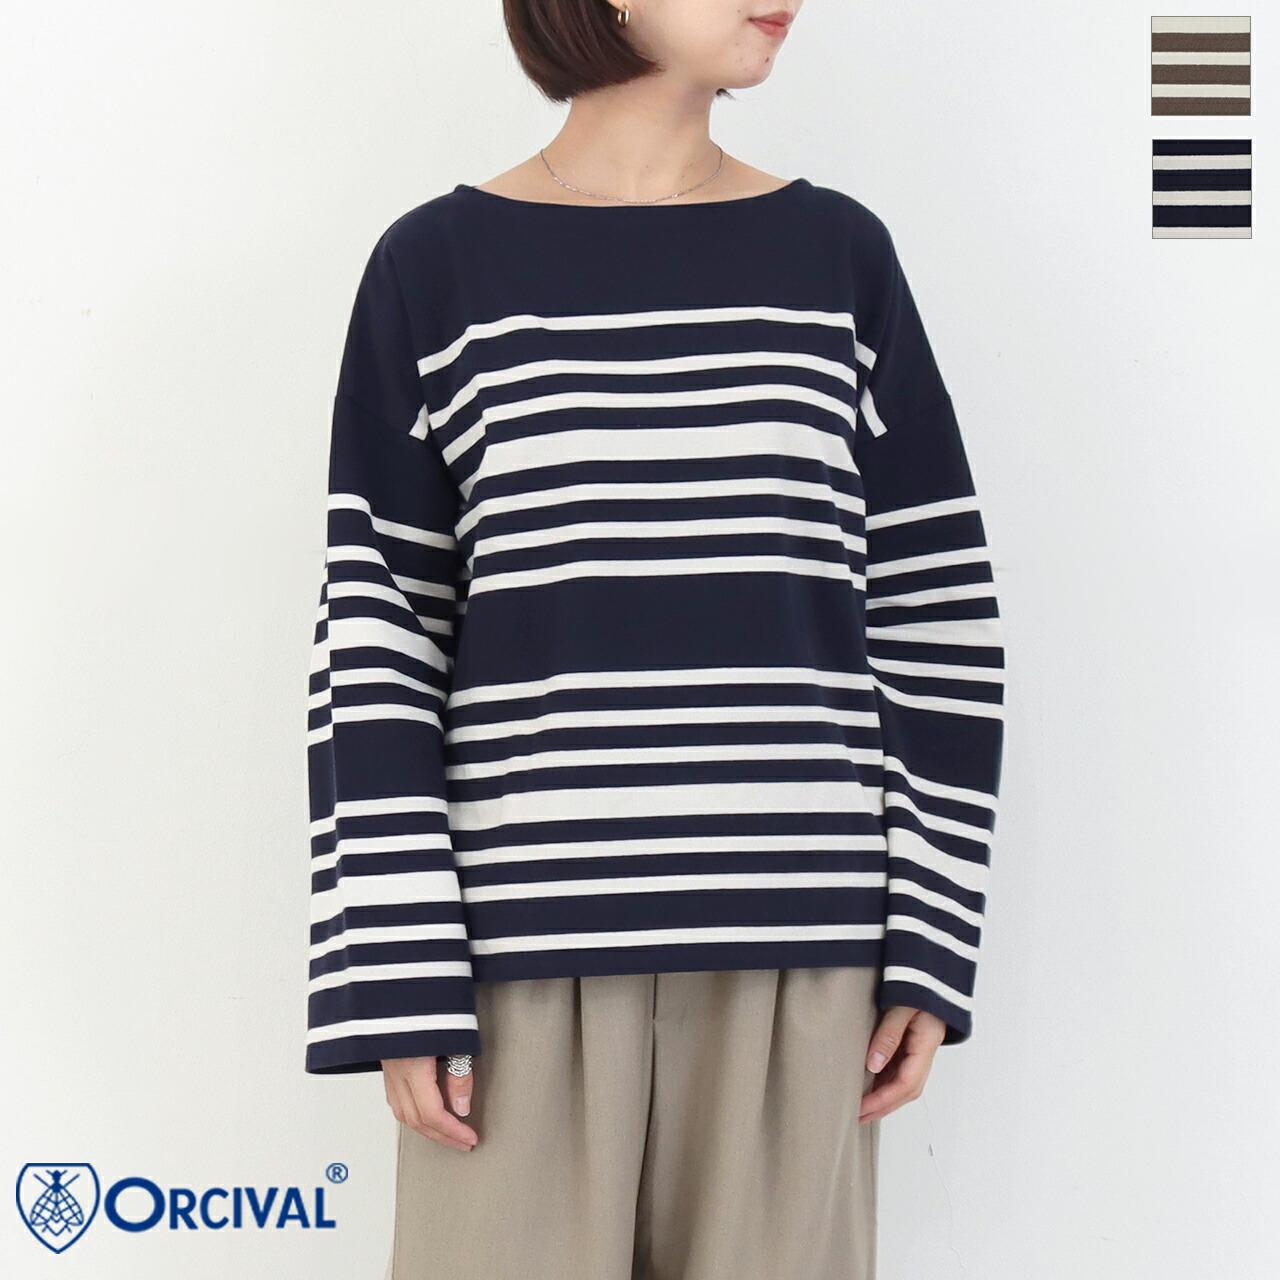 ORCIVAL *オーチバル ラッセルフレンチセーラードロップショルダーTシャツ